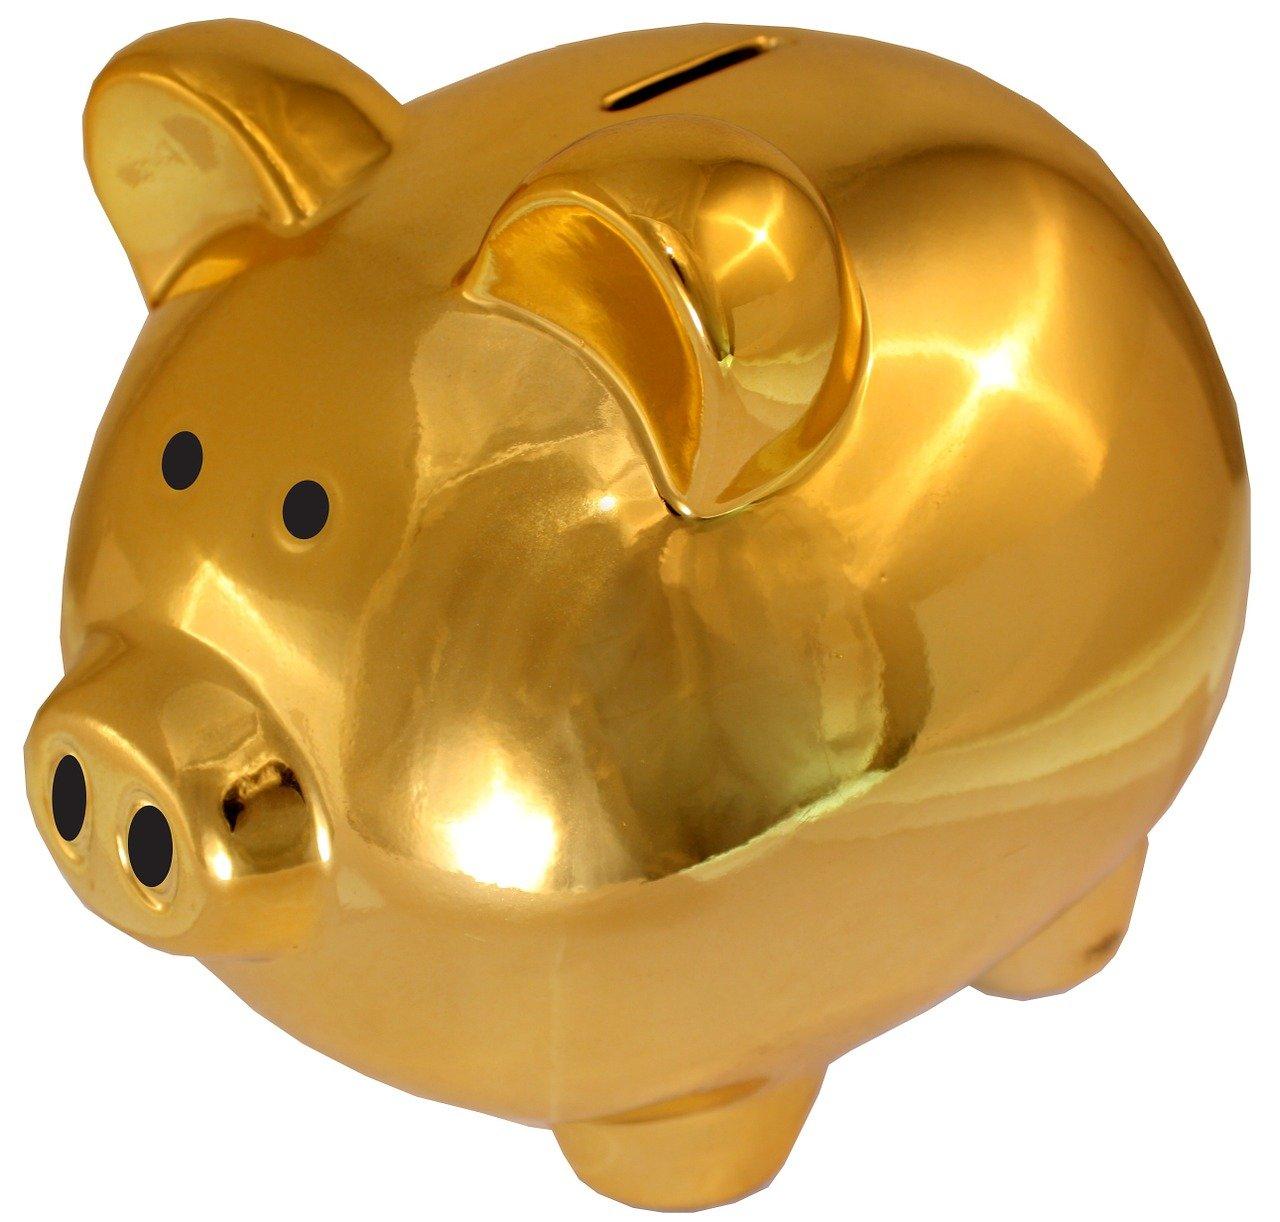 איך ללמוד על בנק אוצר היהודים?